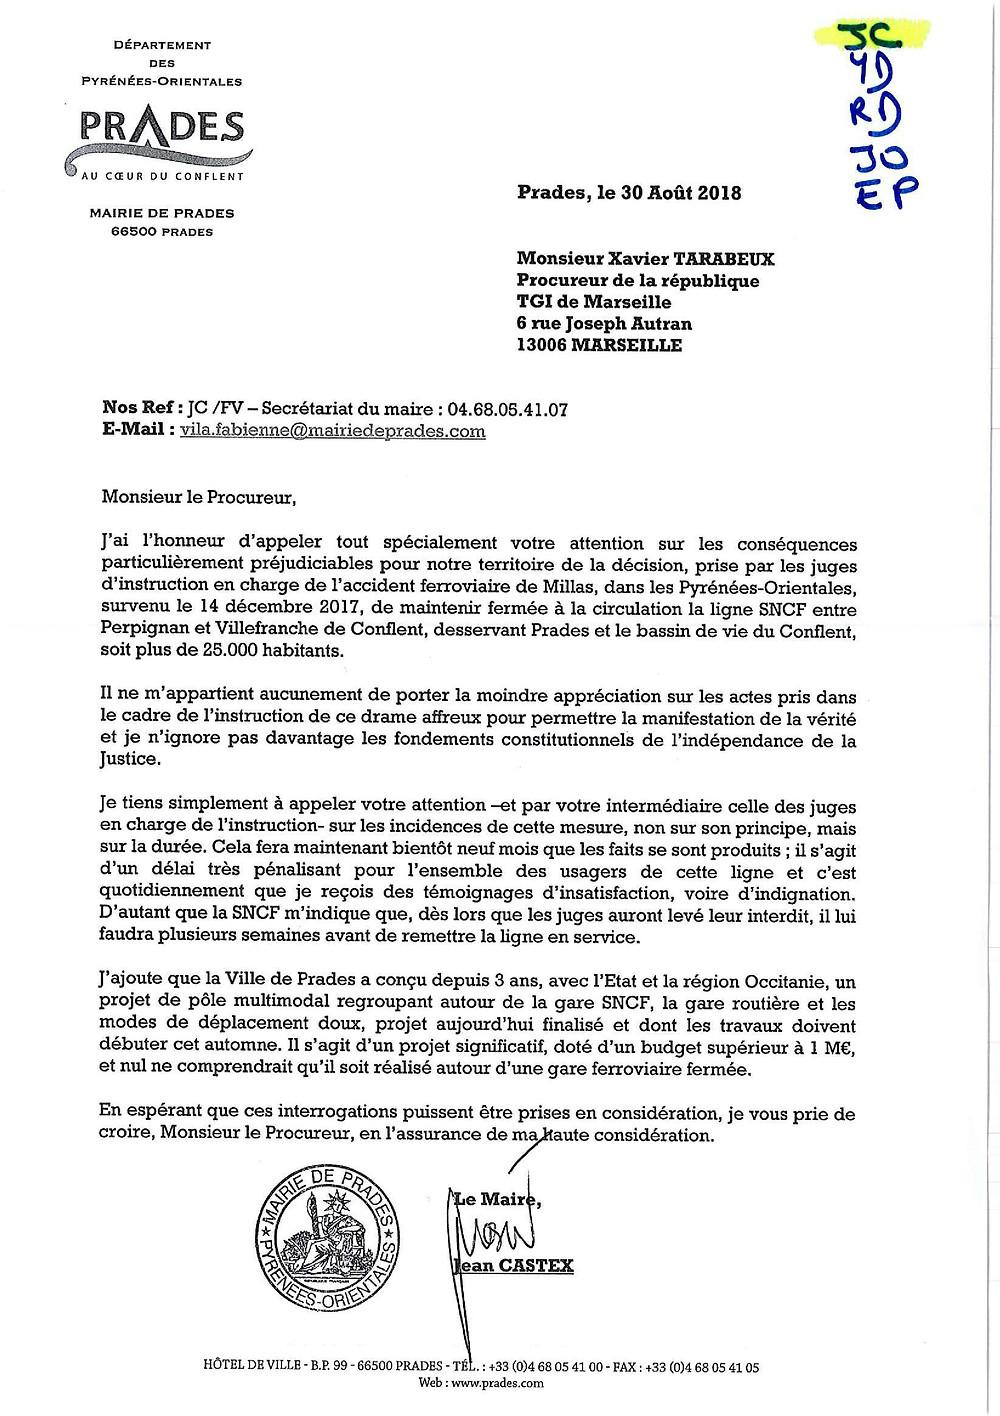 courrier de J.CASTEX à M. le Préfet concernant le Train Jaune